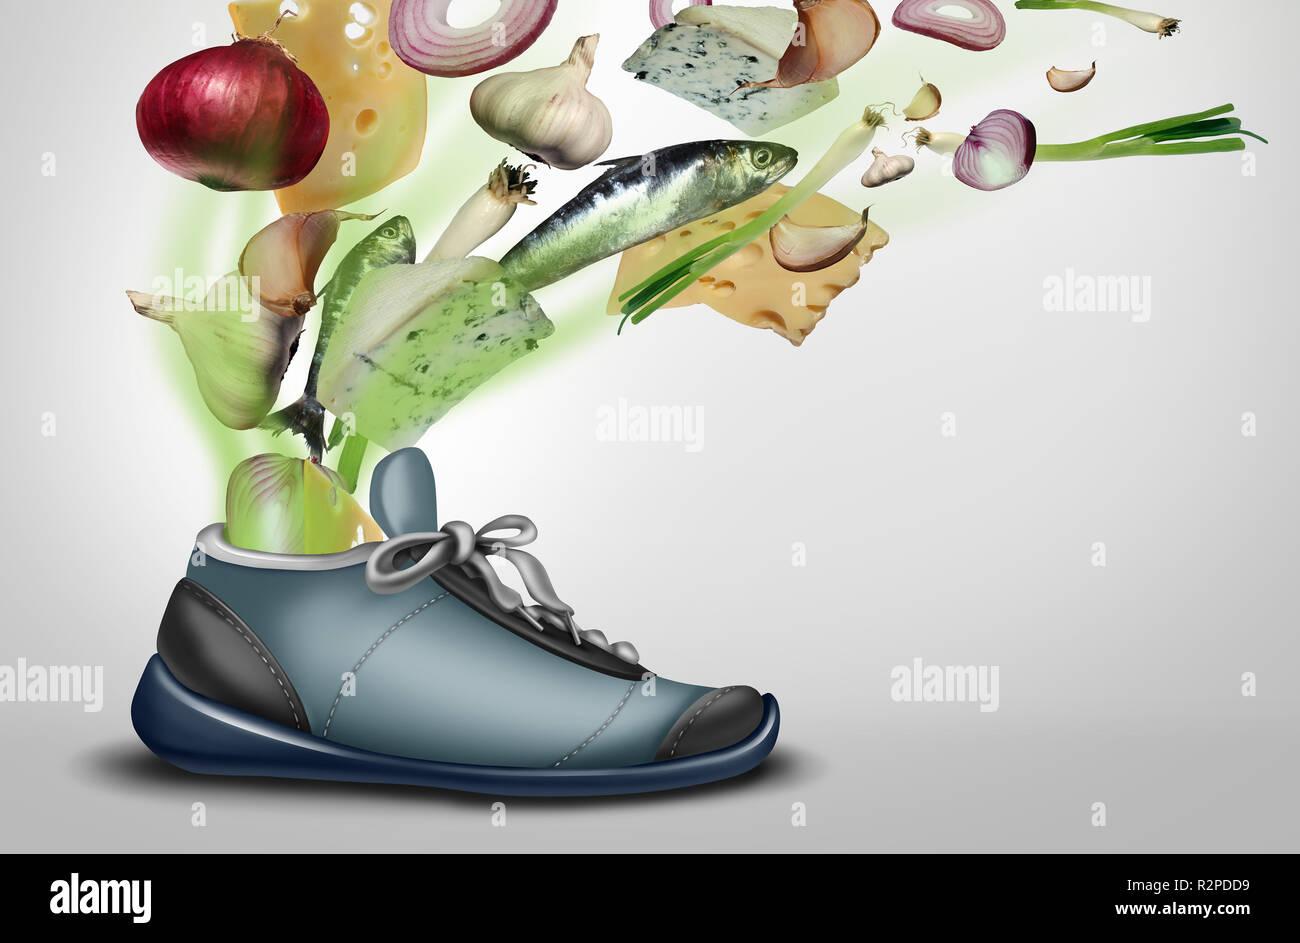 Zapata apestosa como una sucia stinky sudoroso zapatillas de deporte o calzado con pie o malolientes pies la transpiración con ilustración 3D elementos. Imagen De Stock